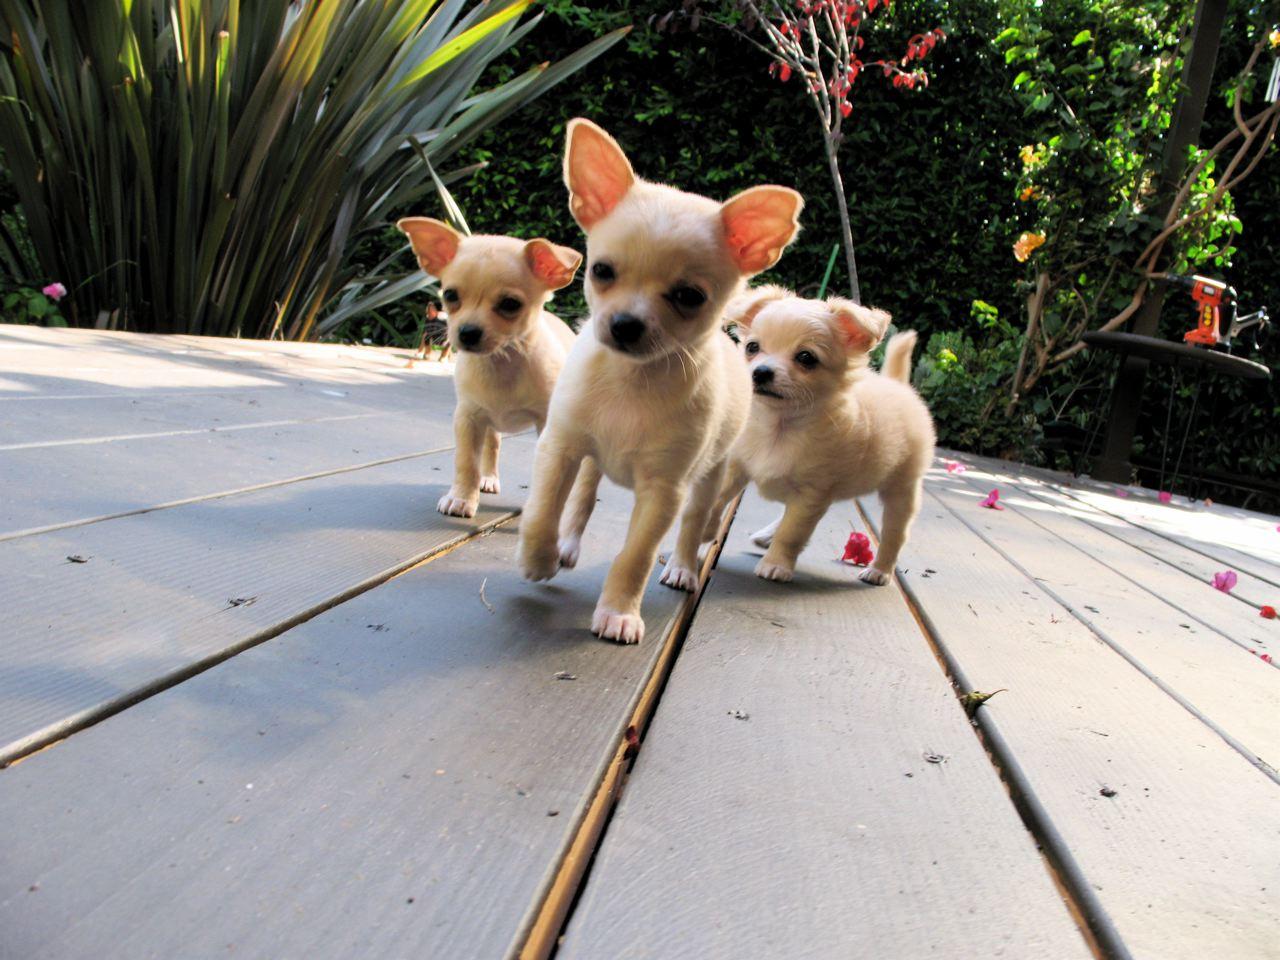 [triplet+chihuahuas]